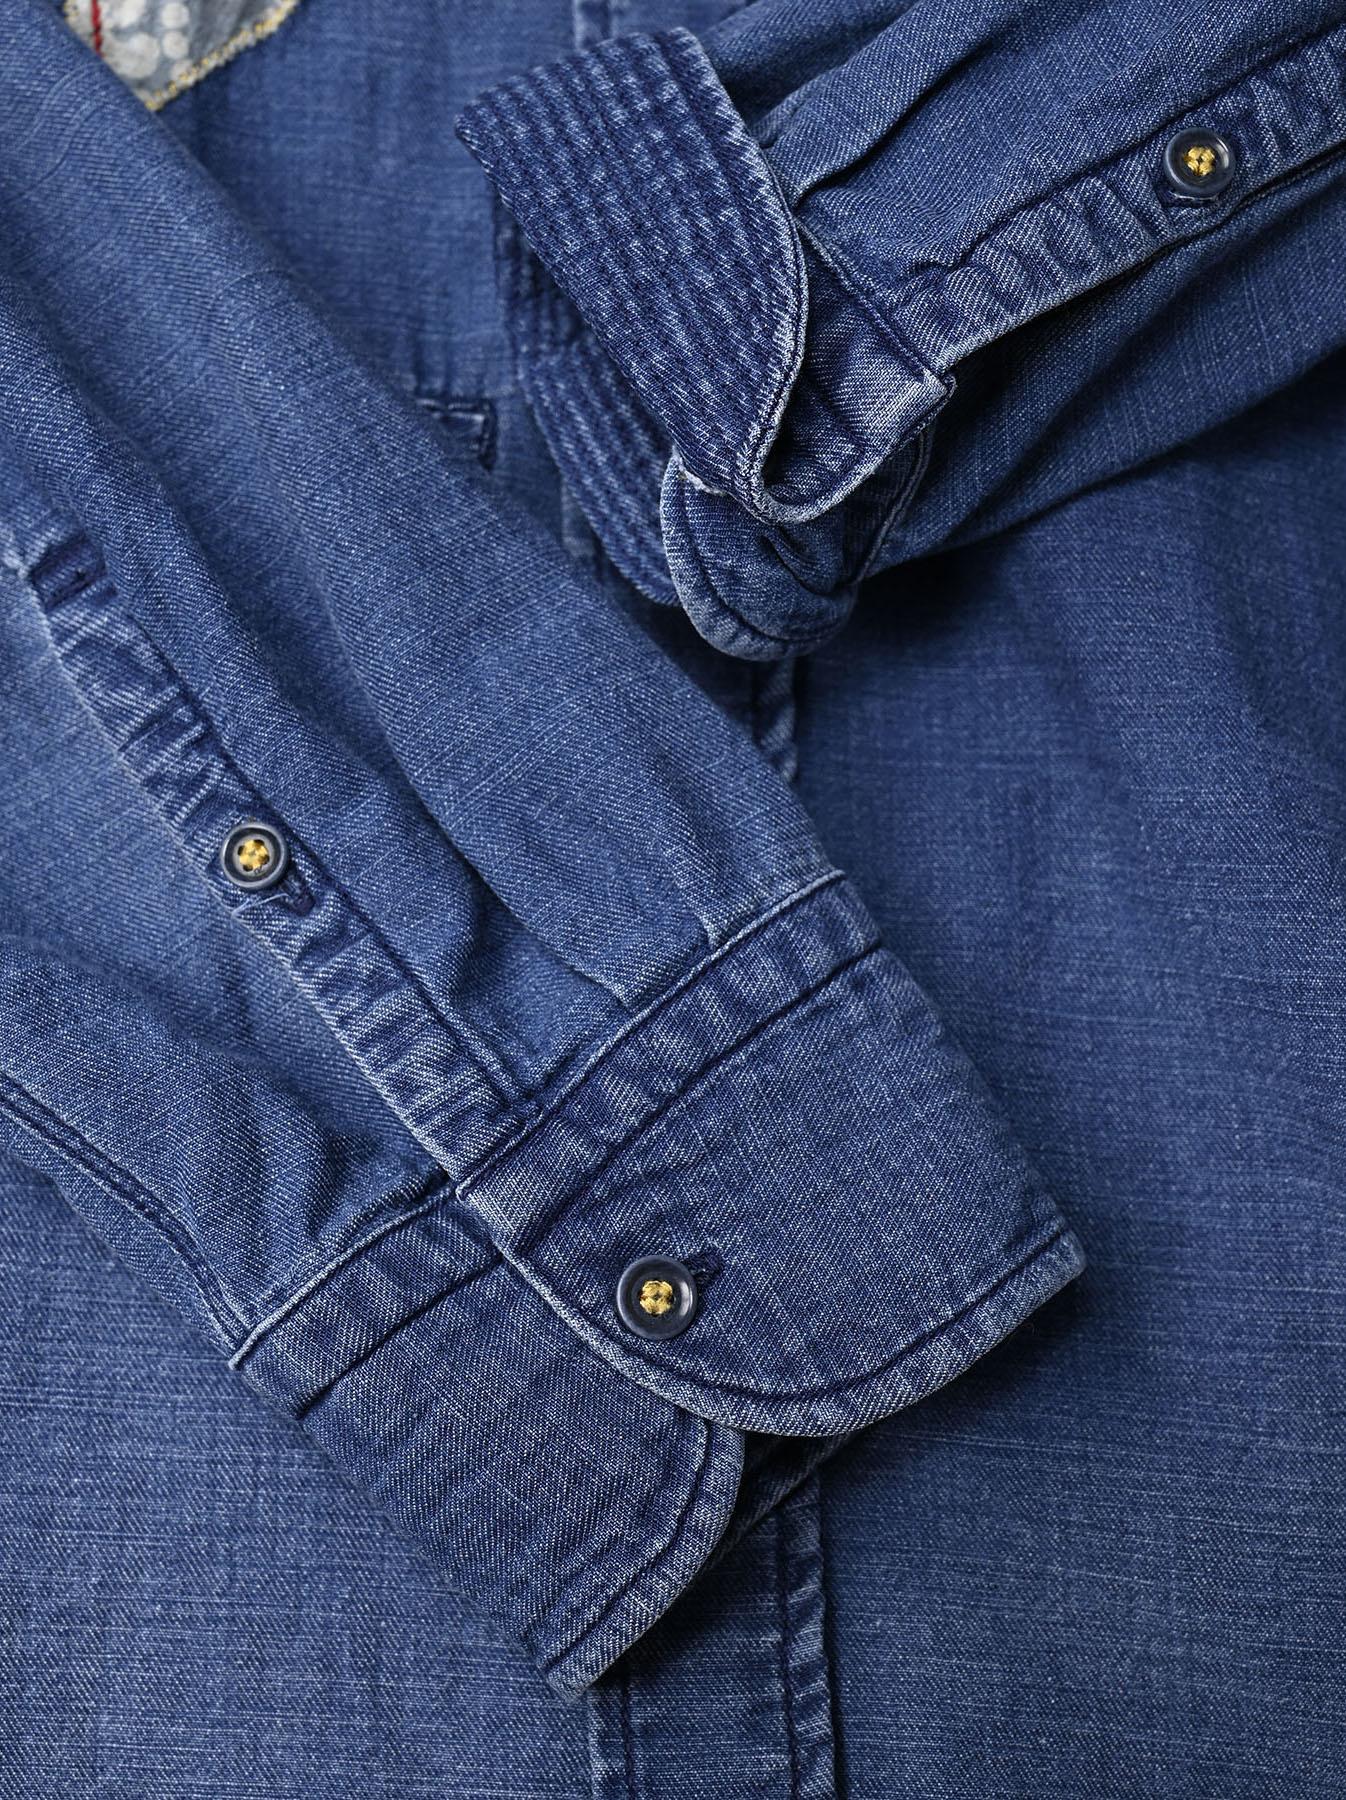 Goma Denim Ocean Button Down Shirt-11